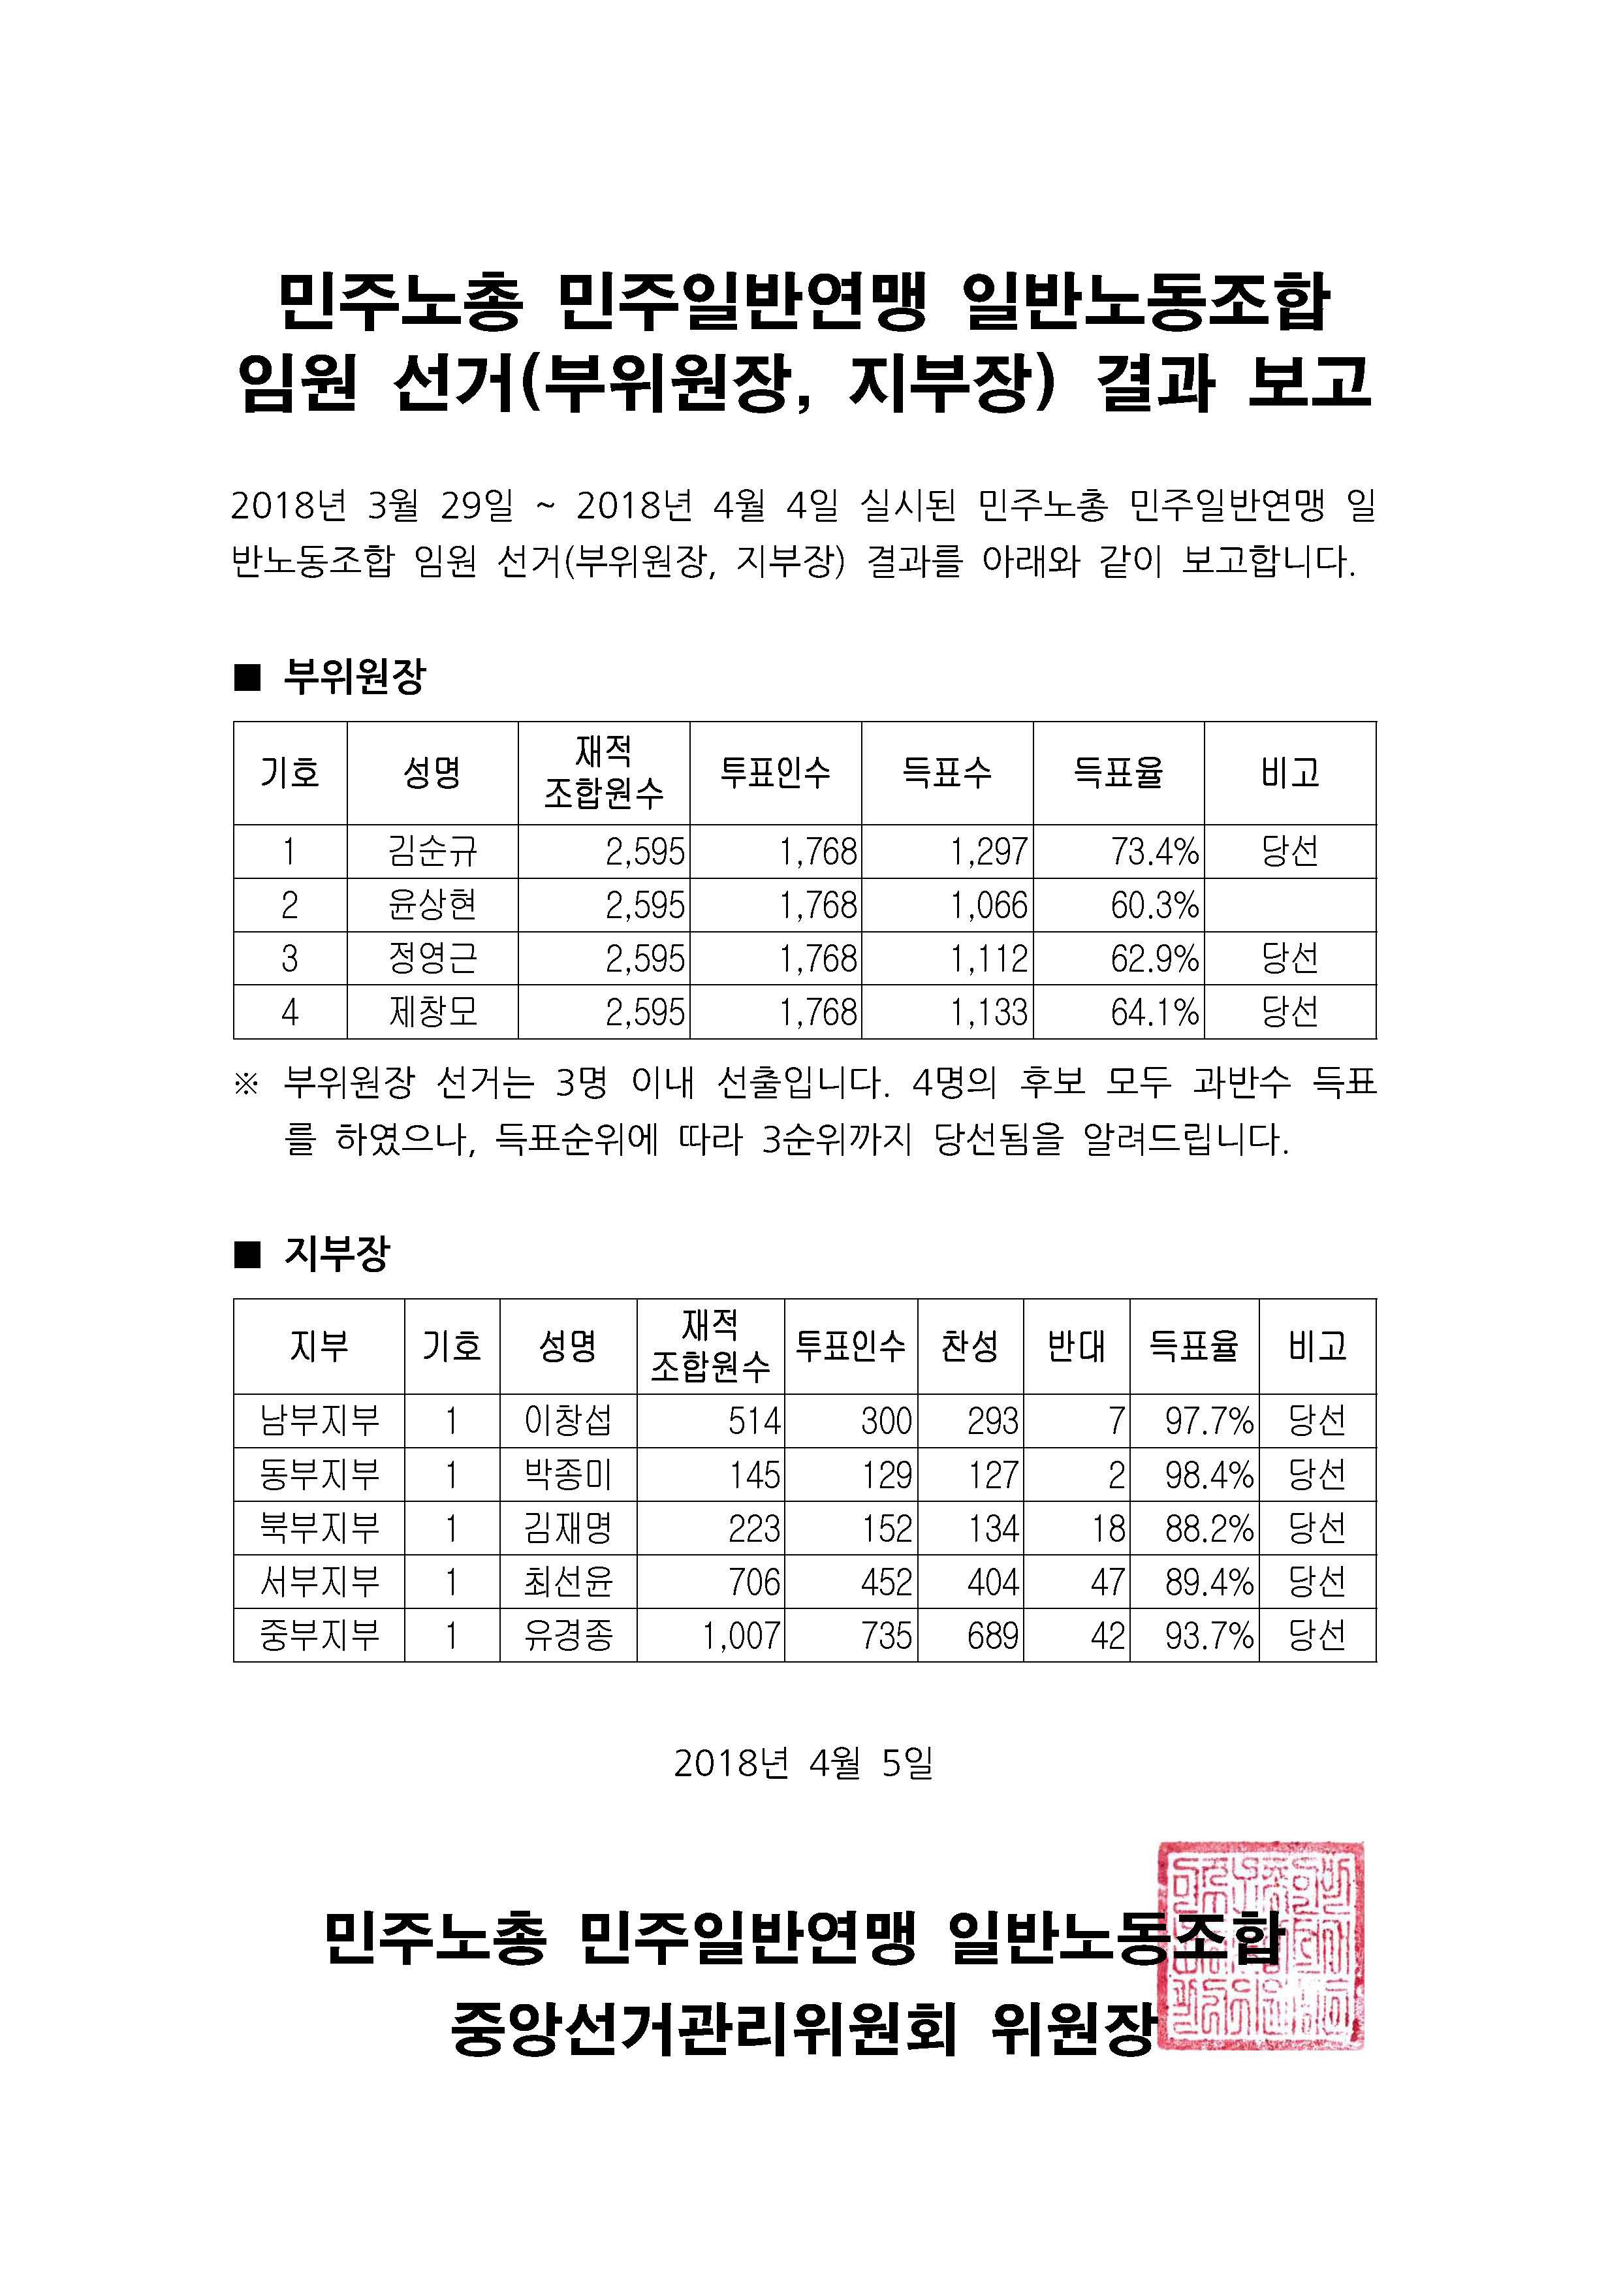 부위원장, 지부장 개표결과 보고.jpg